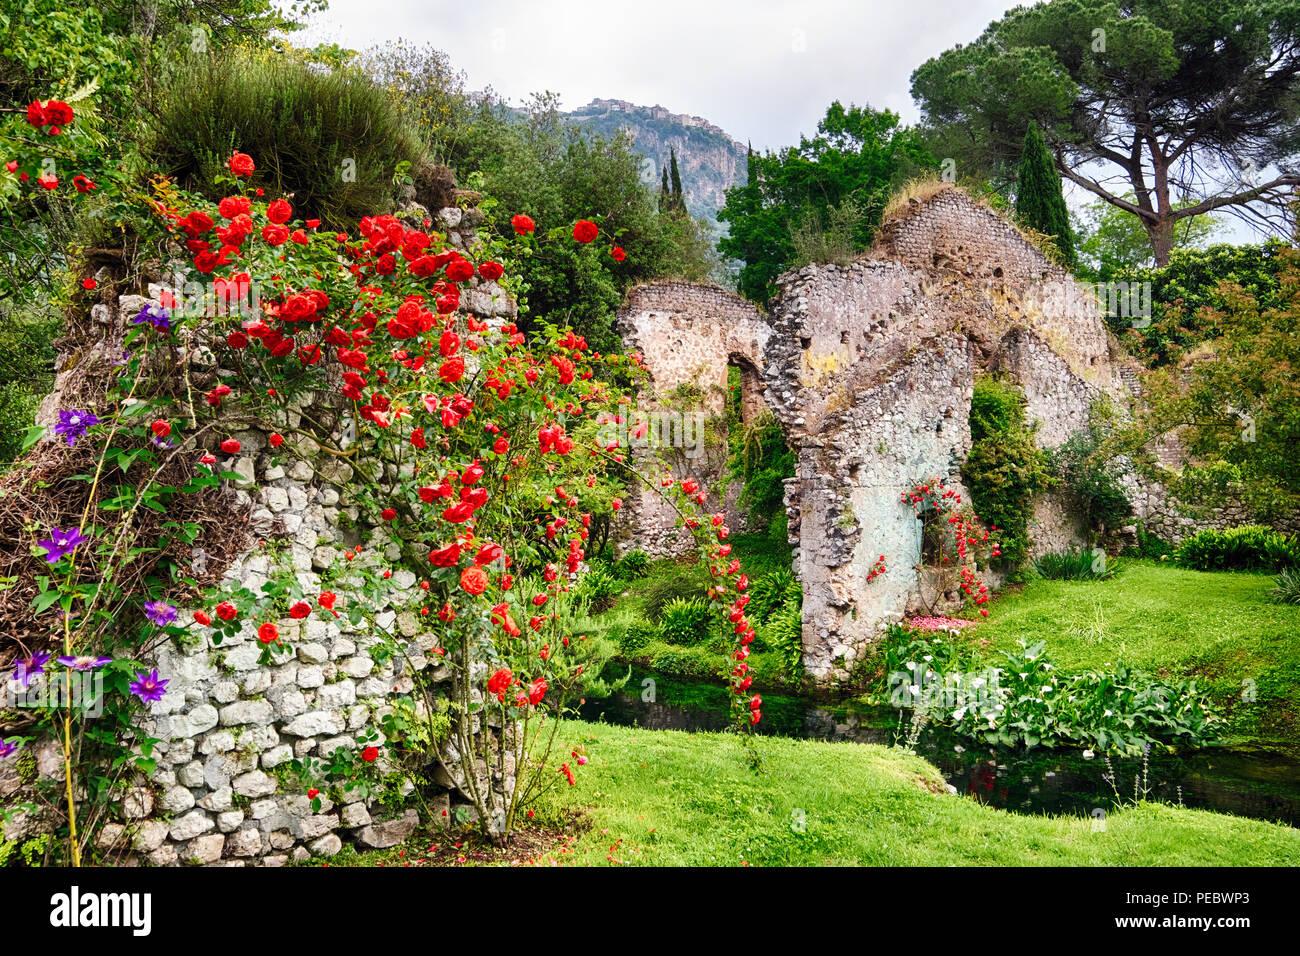 La Ninfa jardín con ruinas históricas y bellas flores, Cisterna di Latina , Lazio,Italia Foto de stock